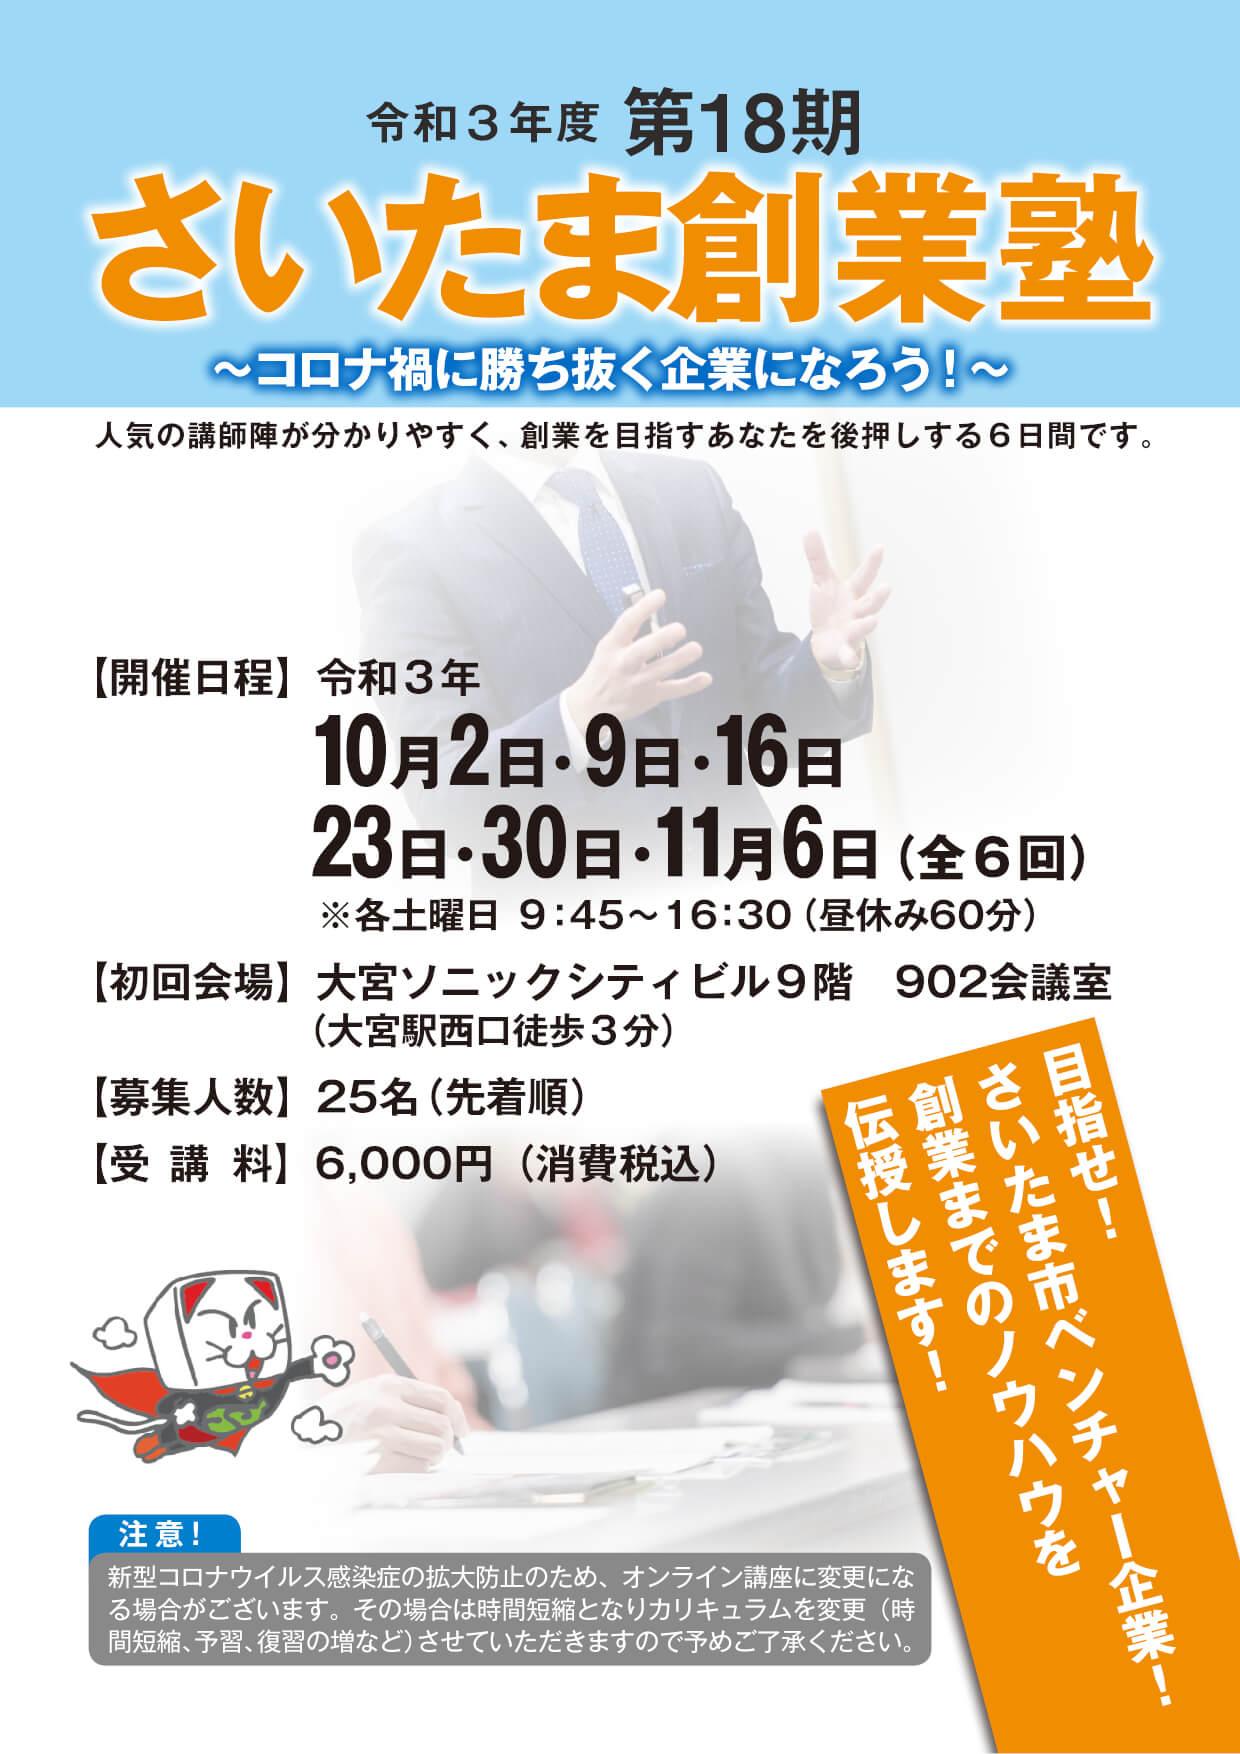 さいたま創業塾〜コロナ禍に勝ち抜く企業になろう!〜